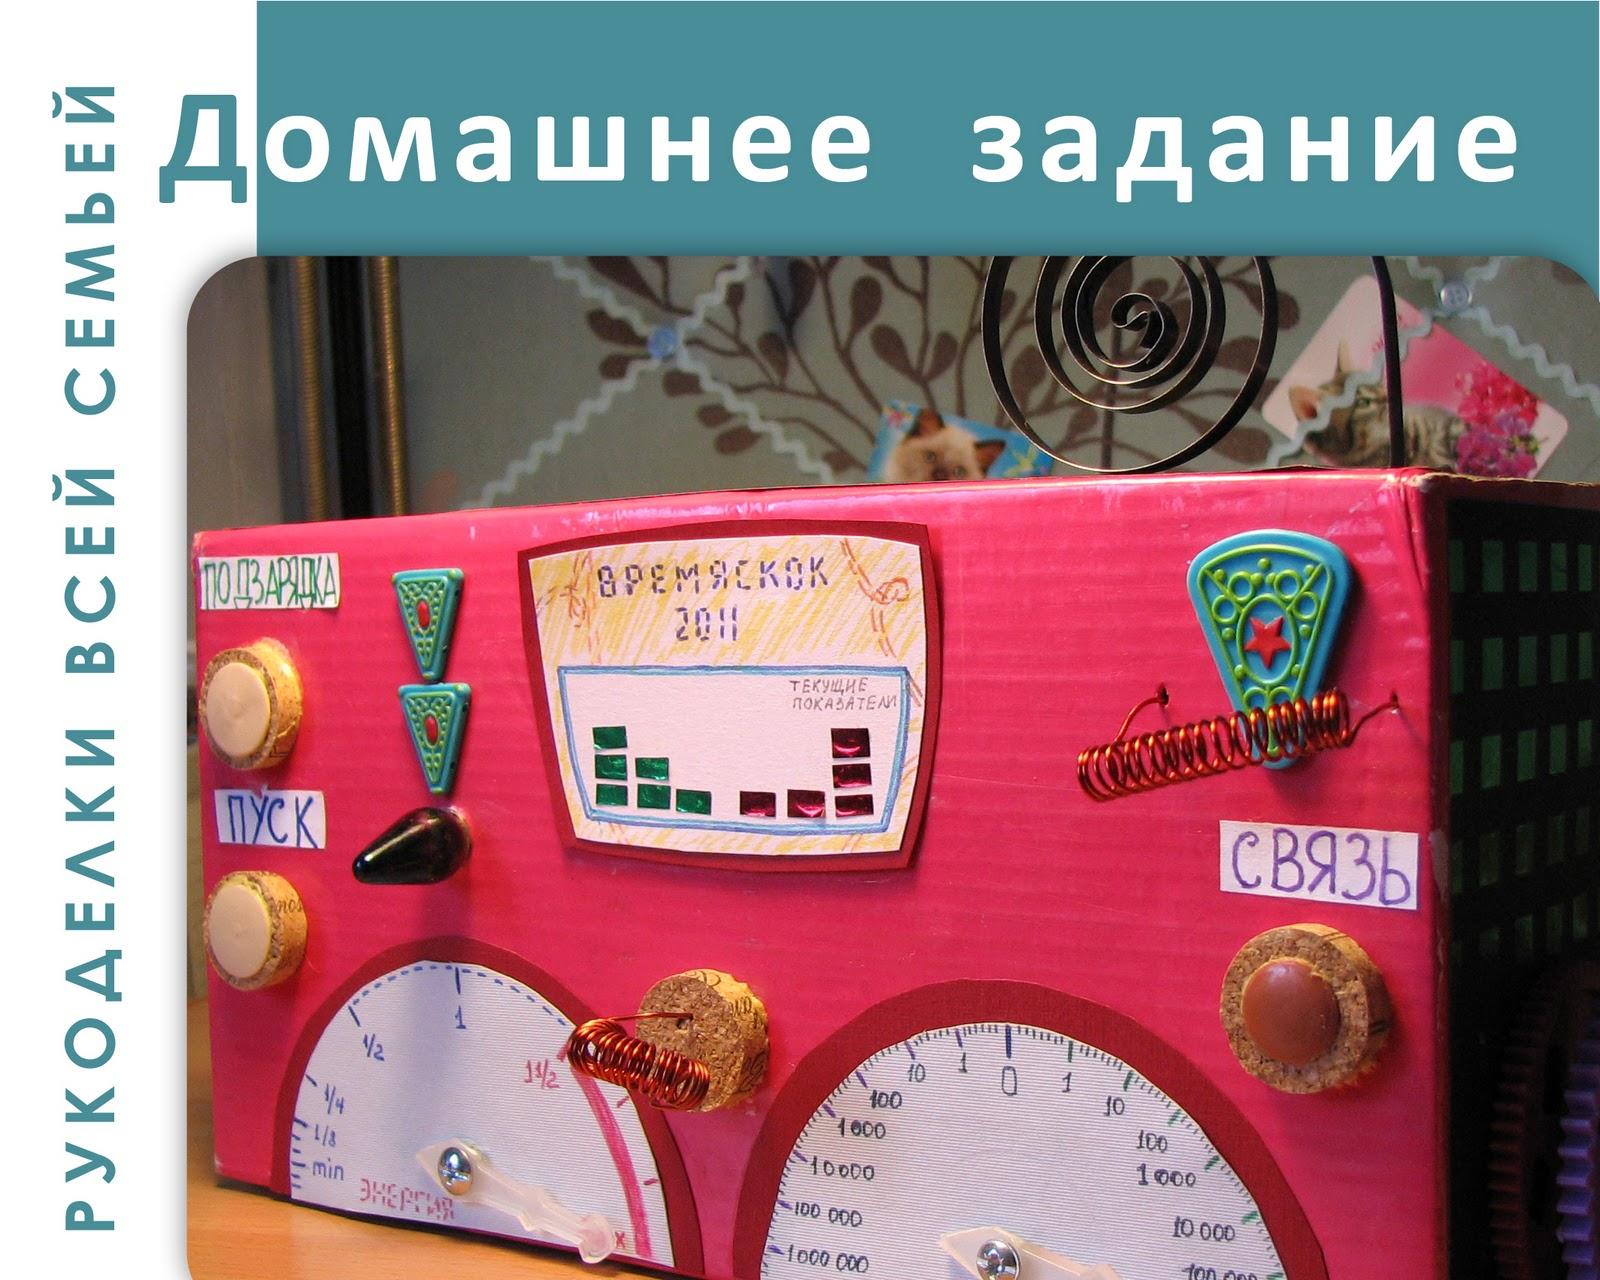 Сделать макет машины времени своими руками